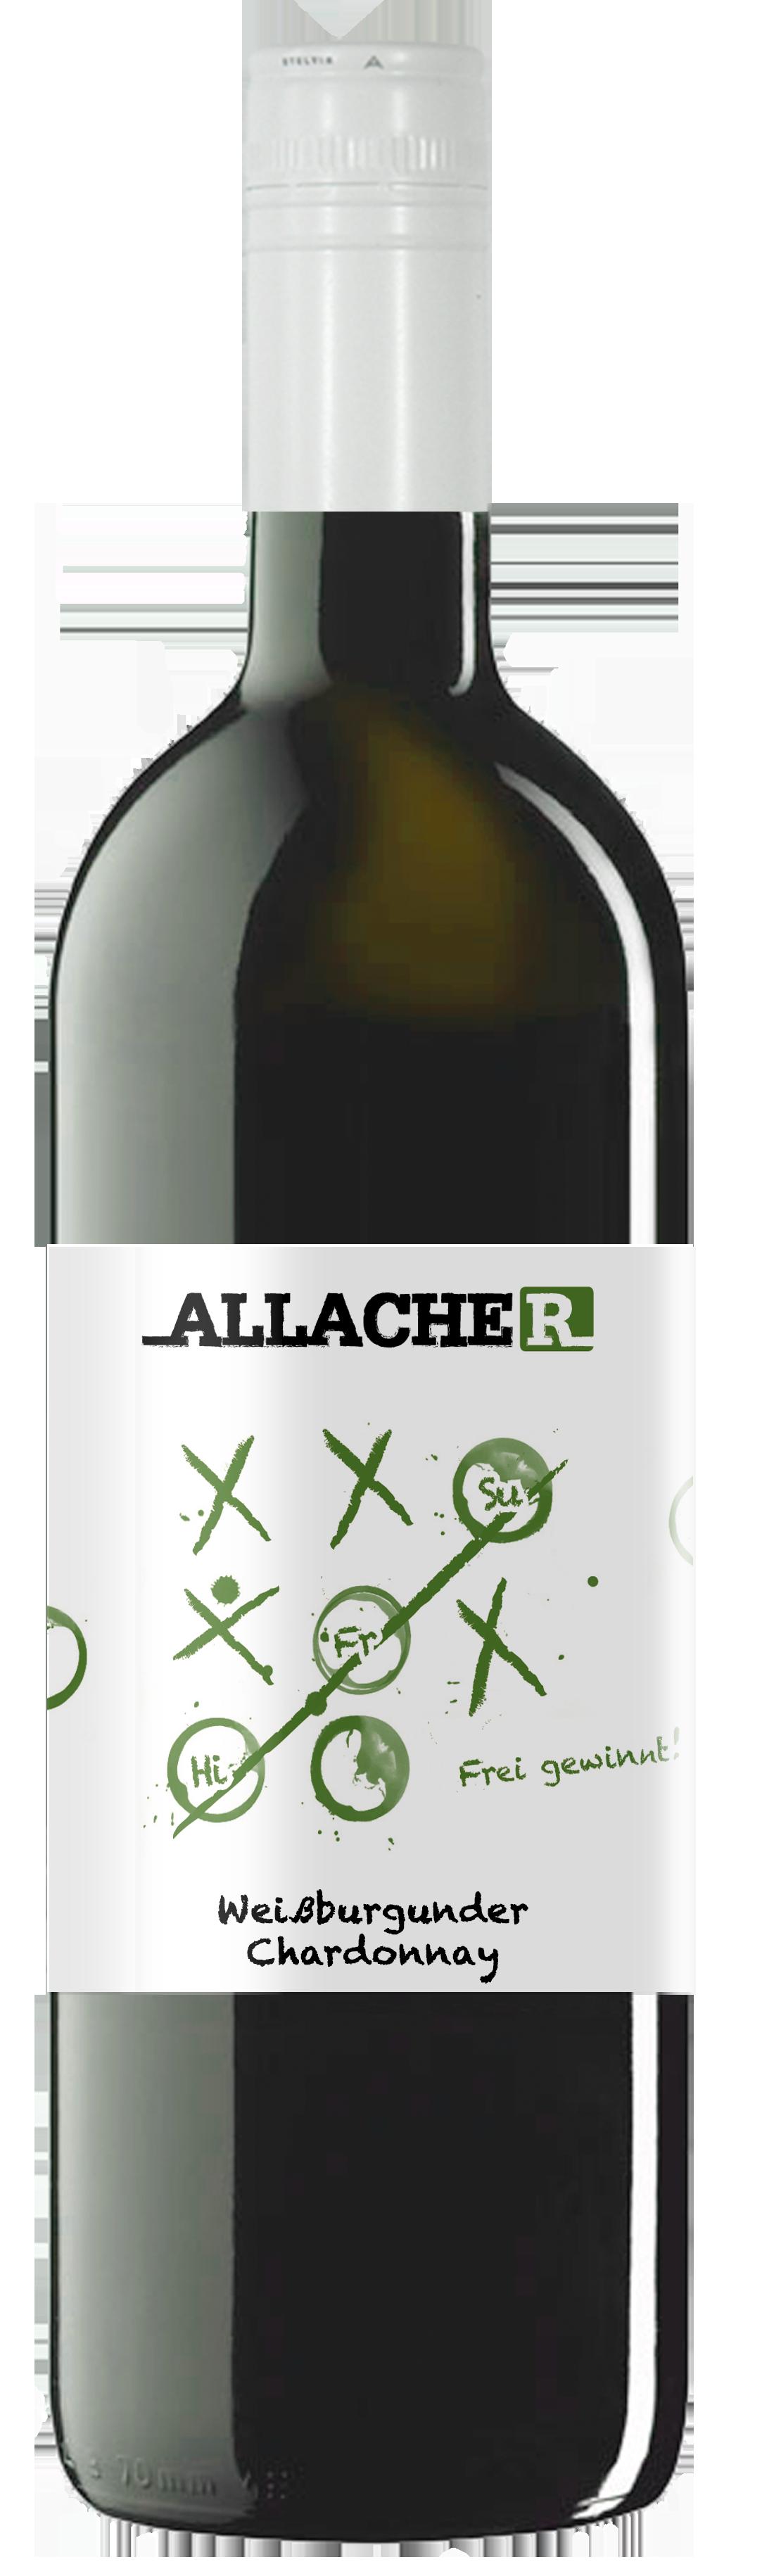 Allacher_WB_CHD_4